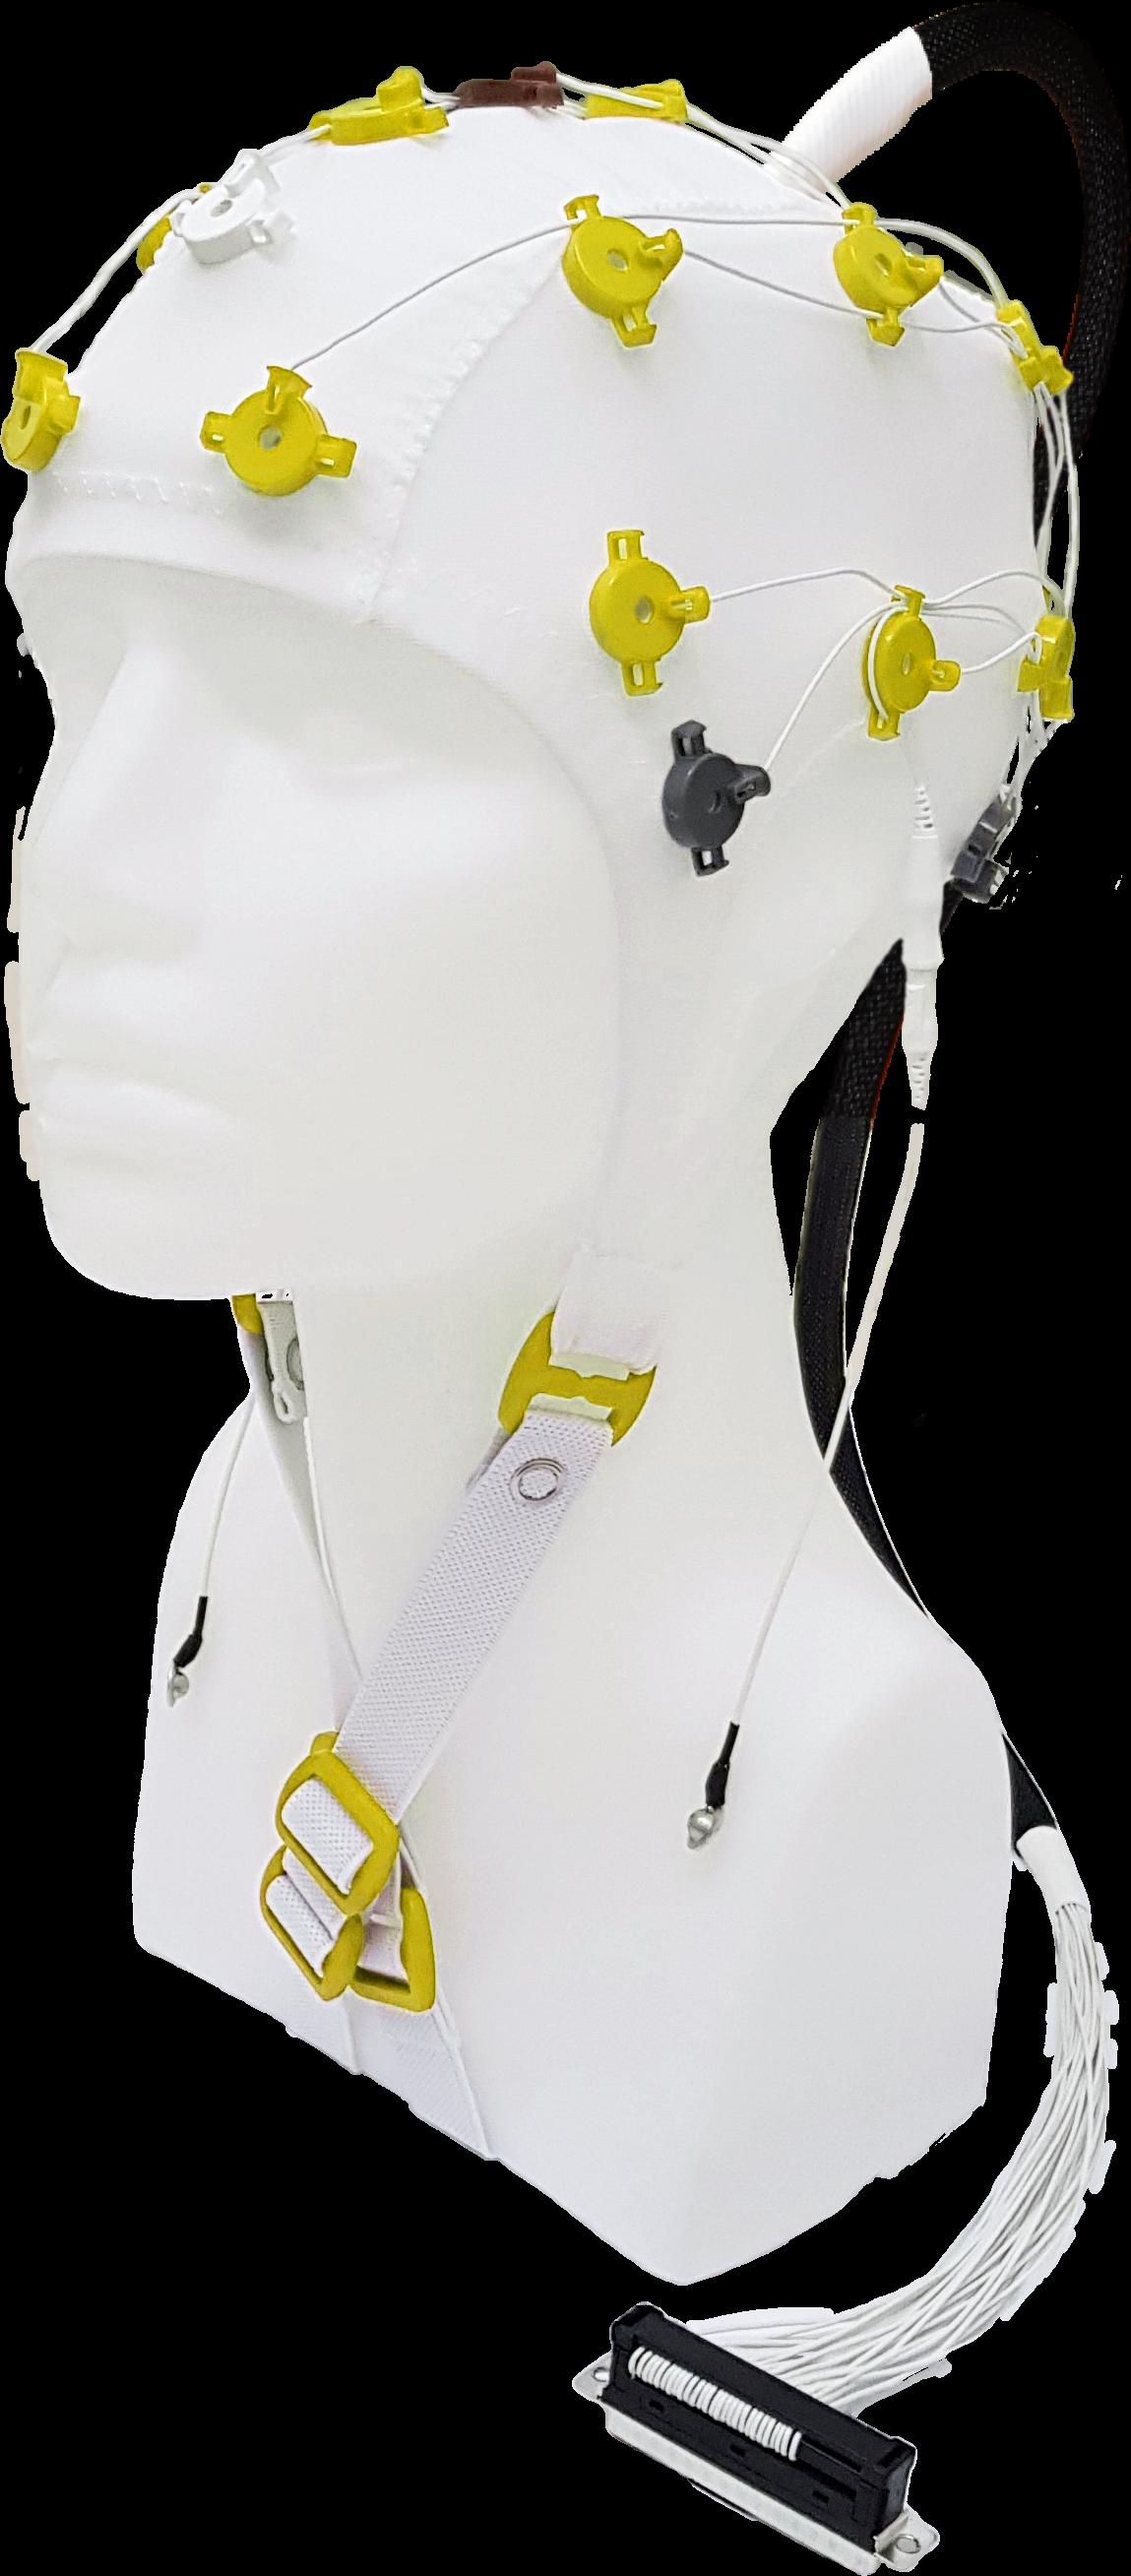 EEG čepice FlexiCAP UP 19+6 kanálů - nový IFCN standard: S (51 – 55 cm), žlutá, NEOBSAHUJE KABEL PRO PŘIPOJENÍ 45-893